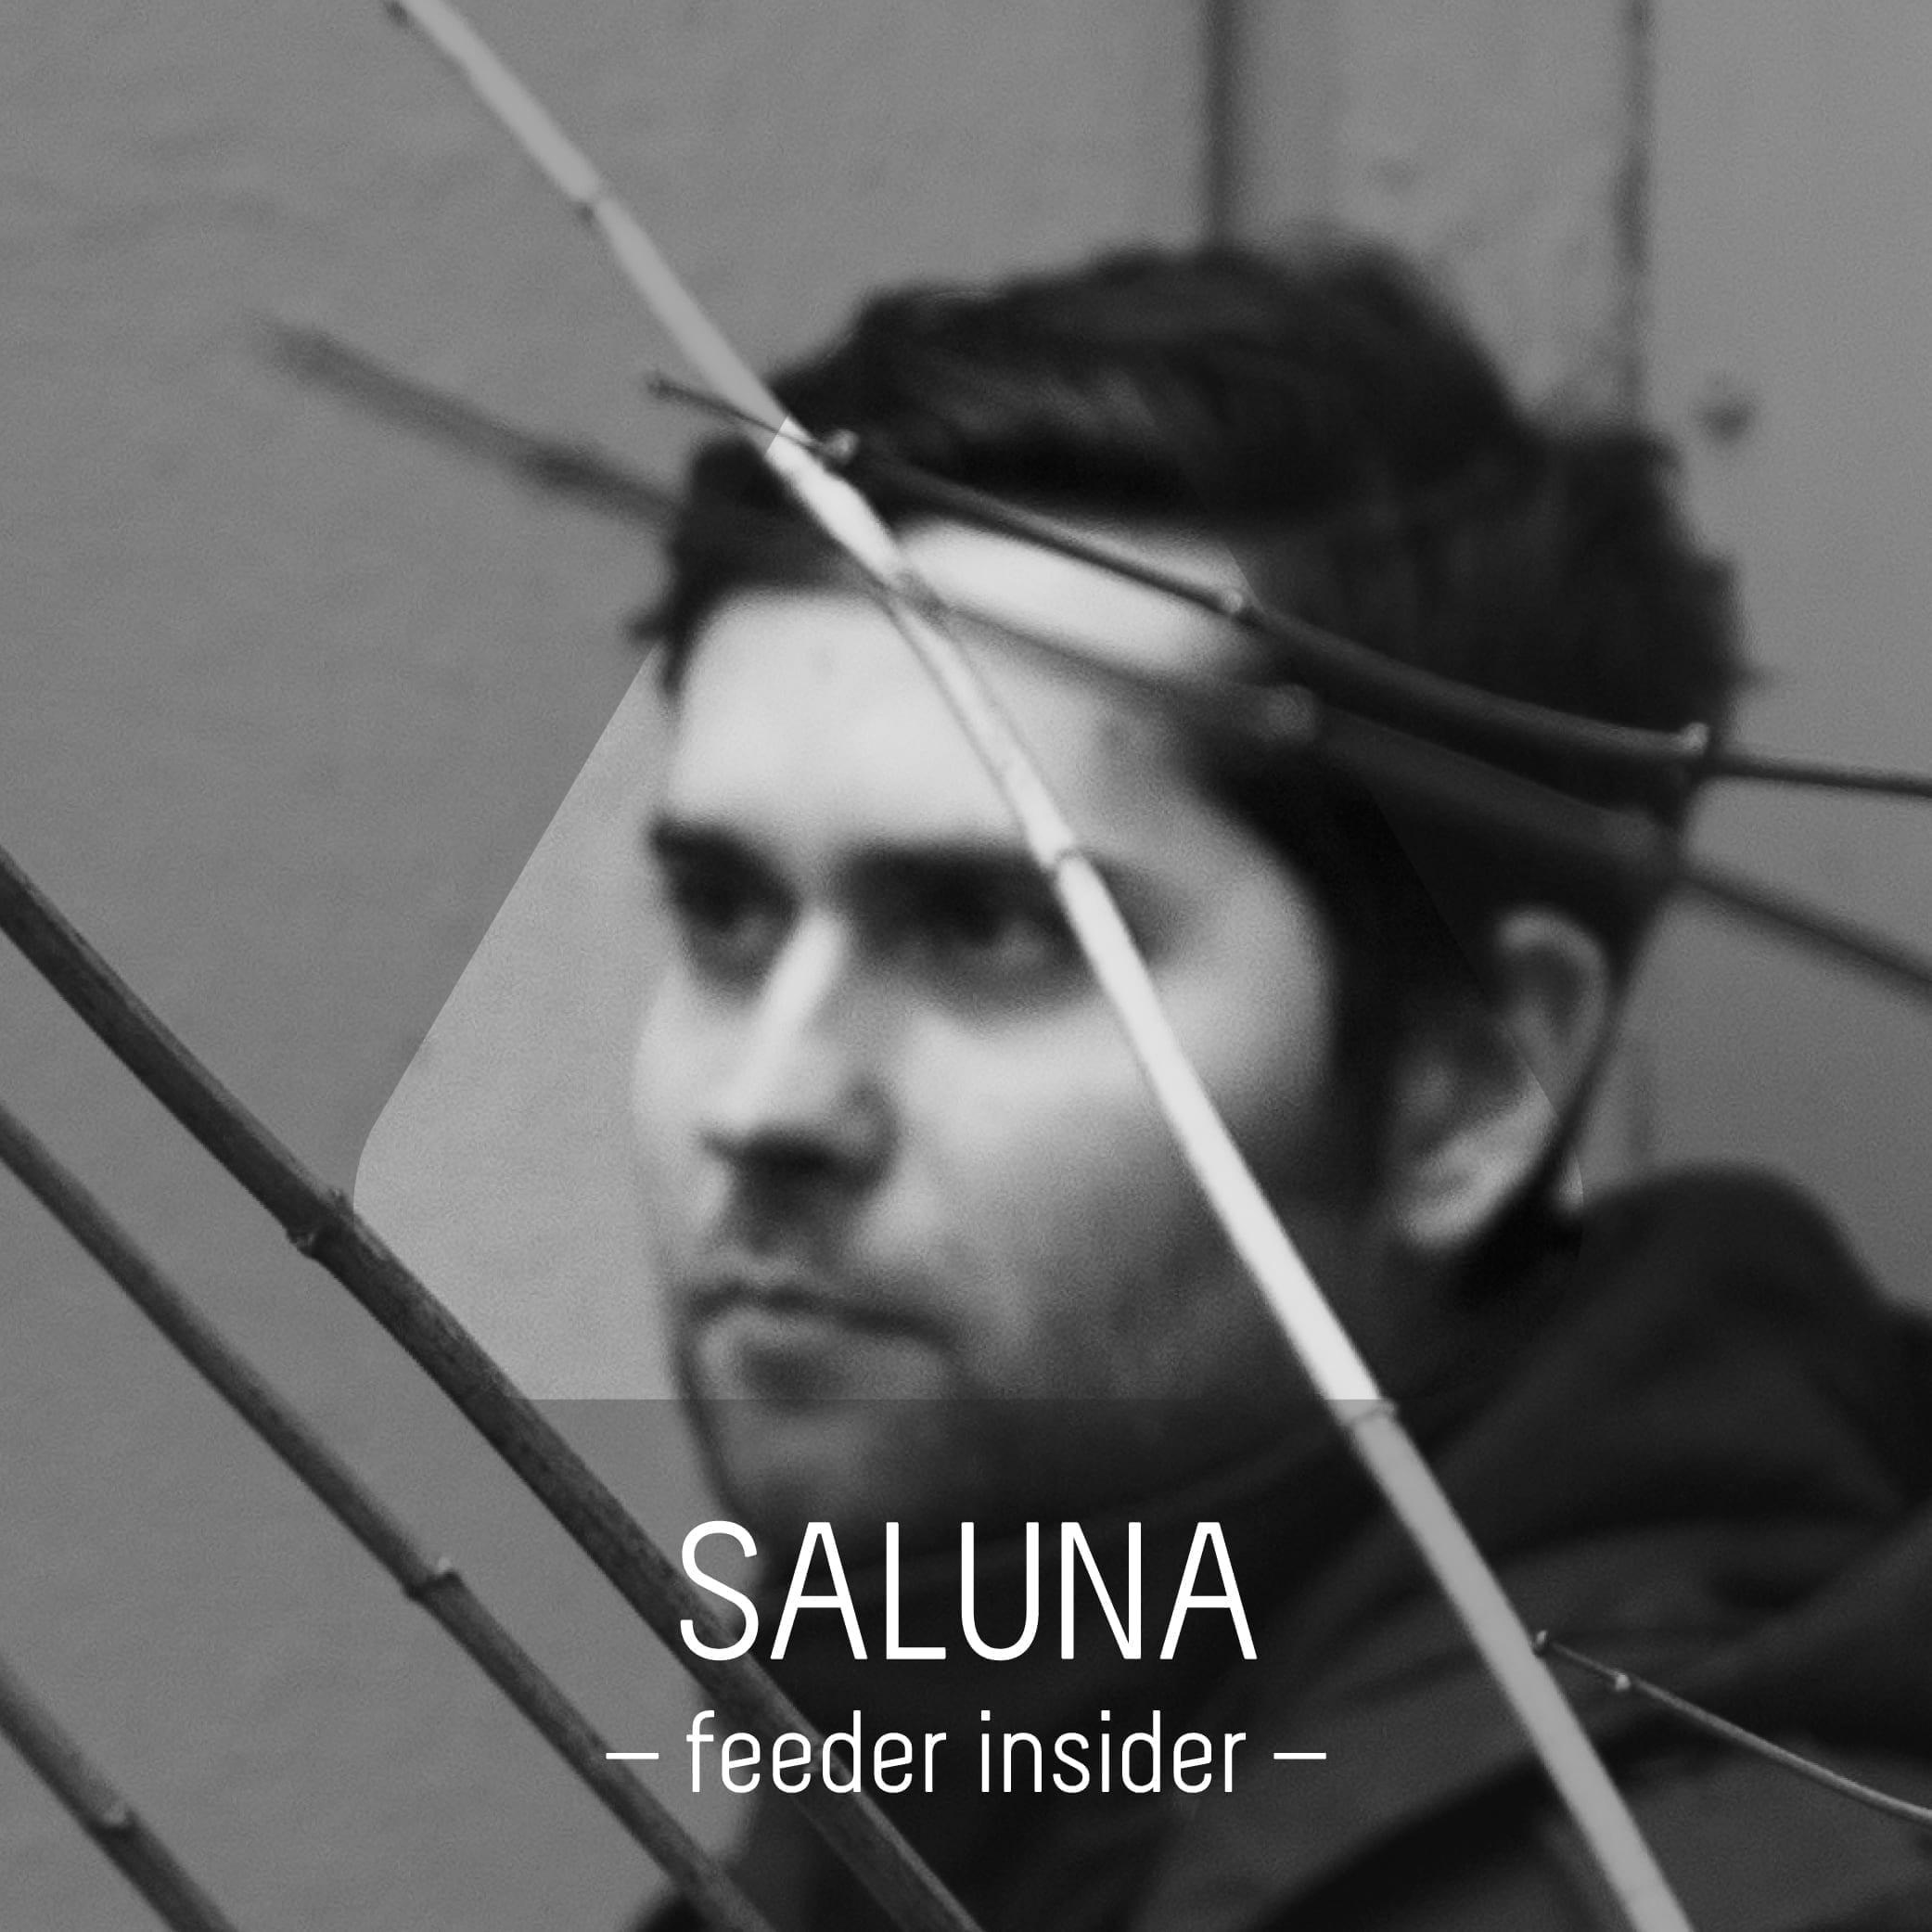 feeder insider interview with Saluna